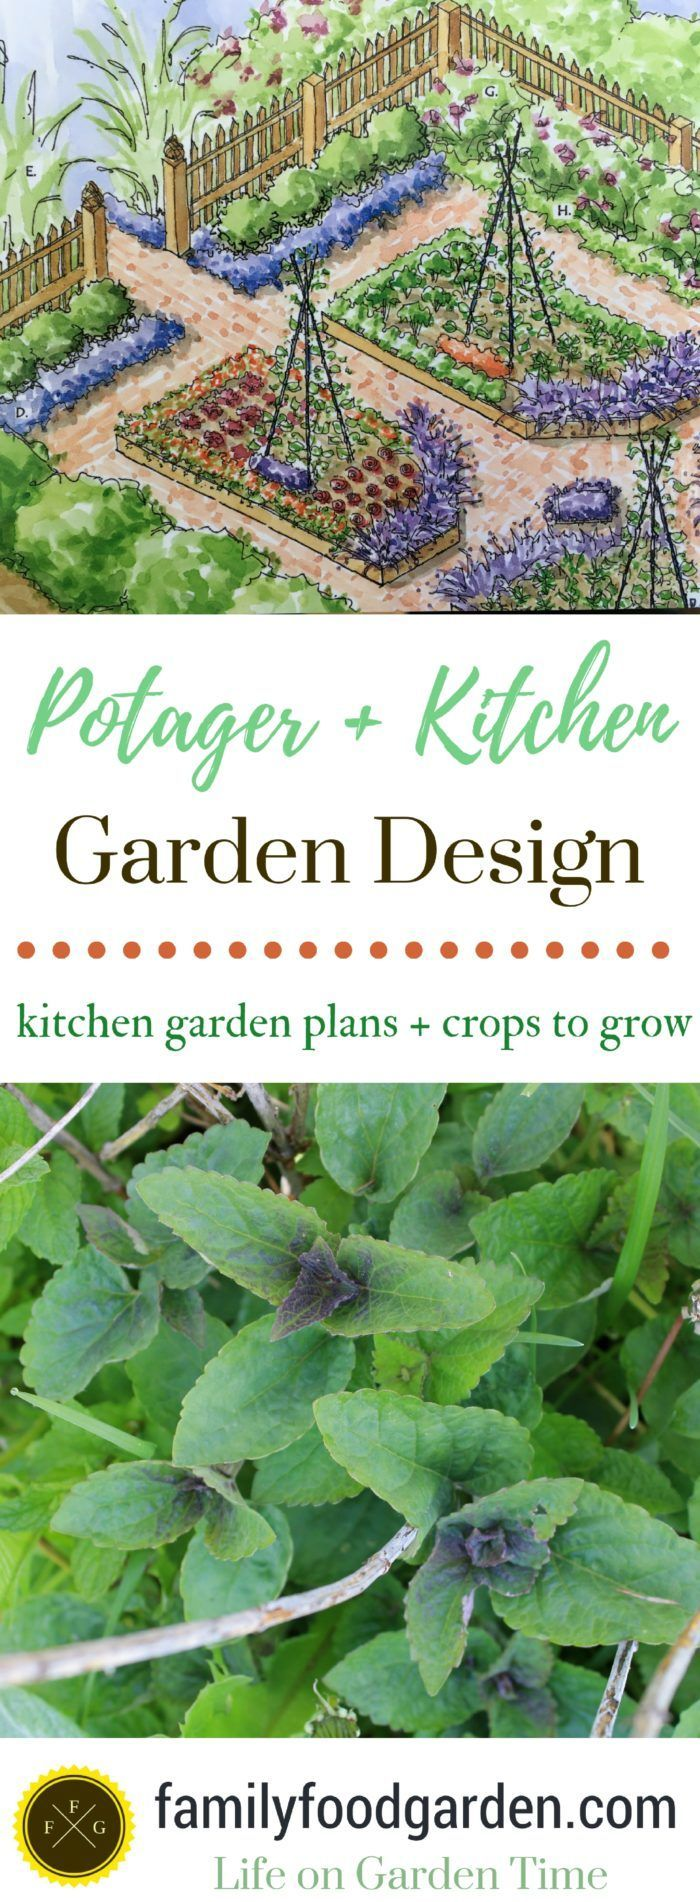 What to plant in a potager garden + kitchen garden design plans #gardenplans